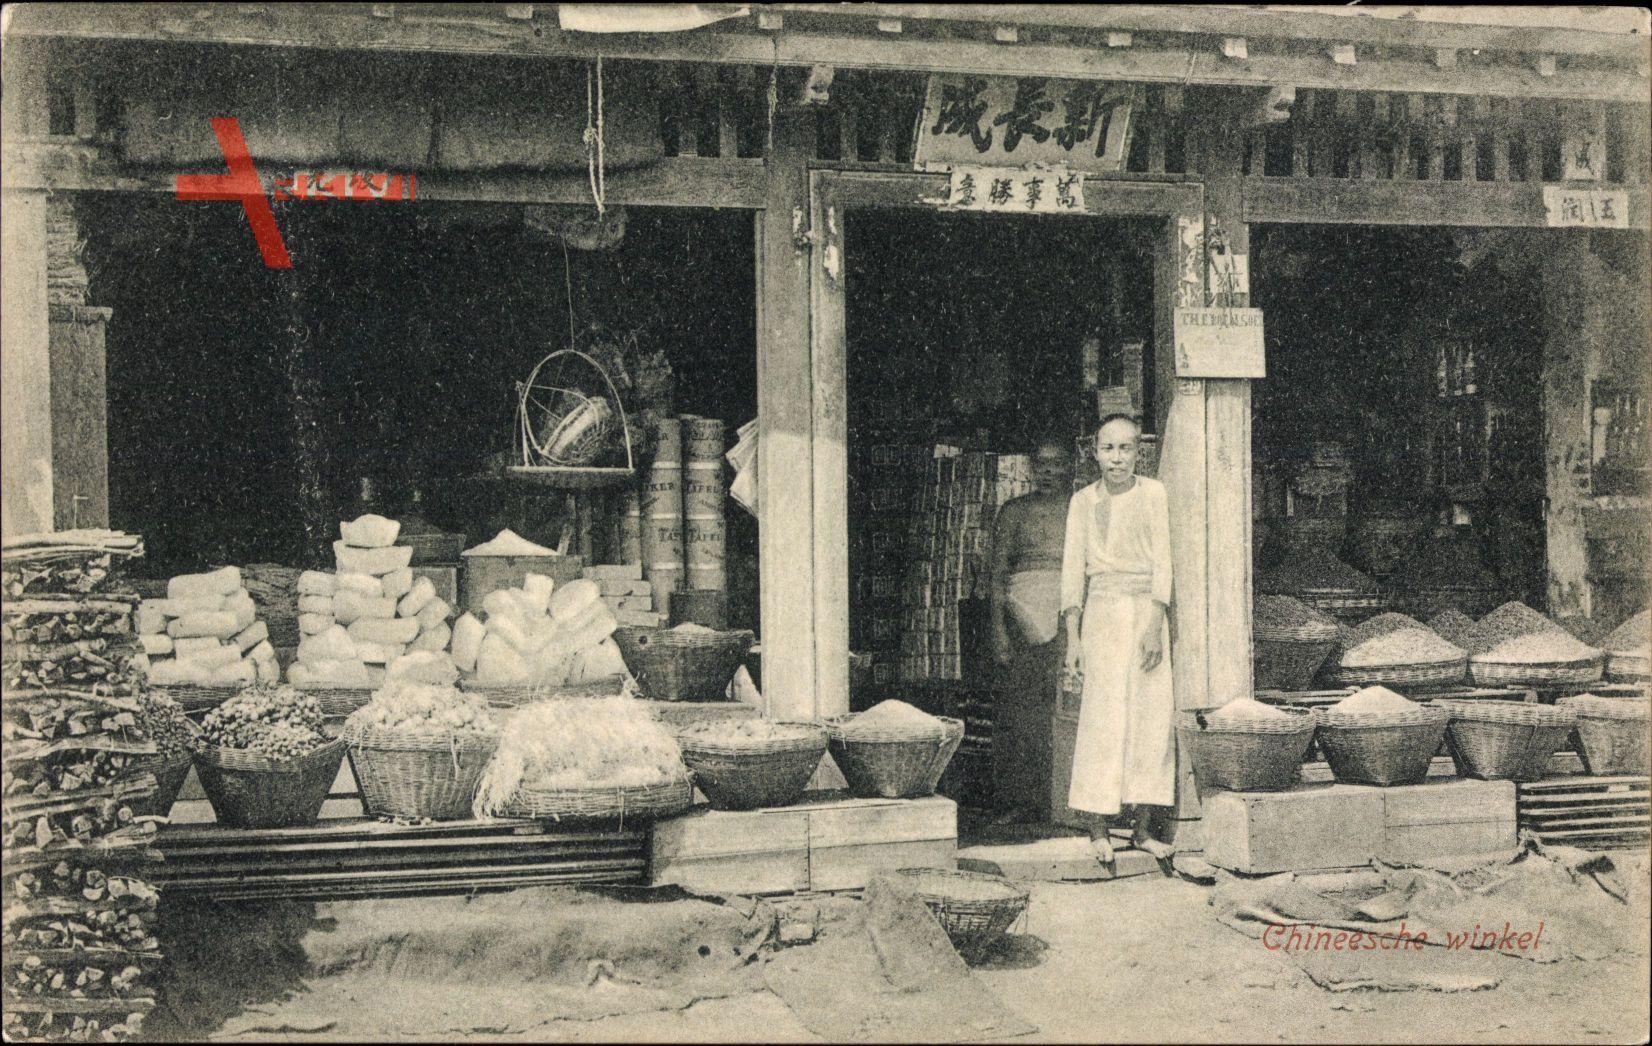 Indonesien, Chineesche winkel, Straßenpartie mit Blick auf Geschäft, Asiaten